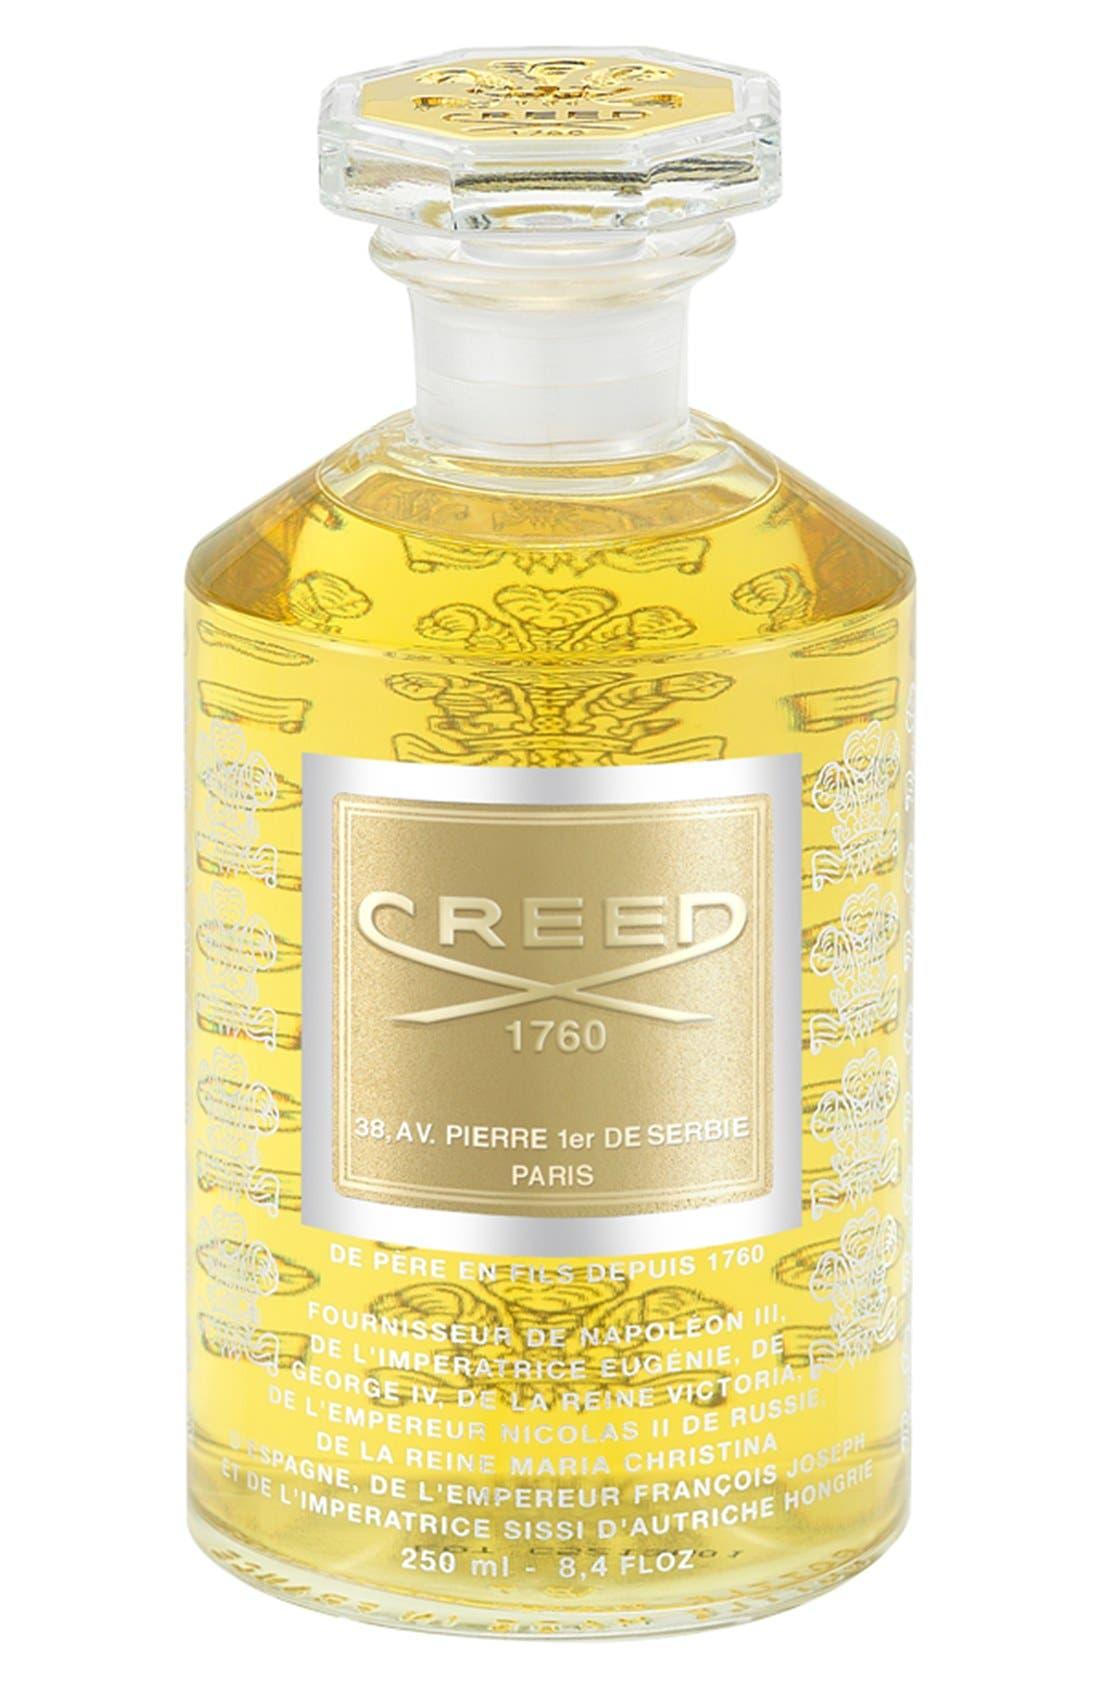 Creed Tubereuse Indiana Fragrance (8.4 oz.)